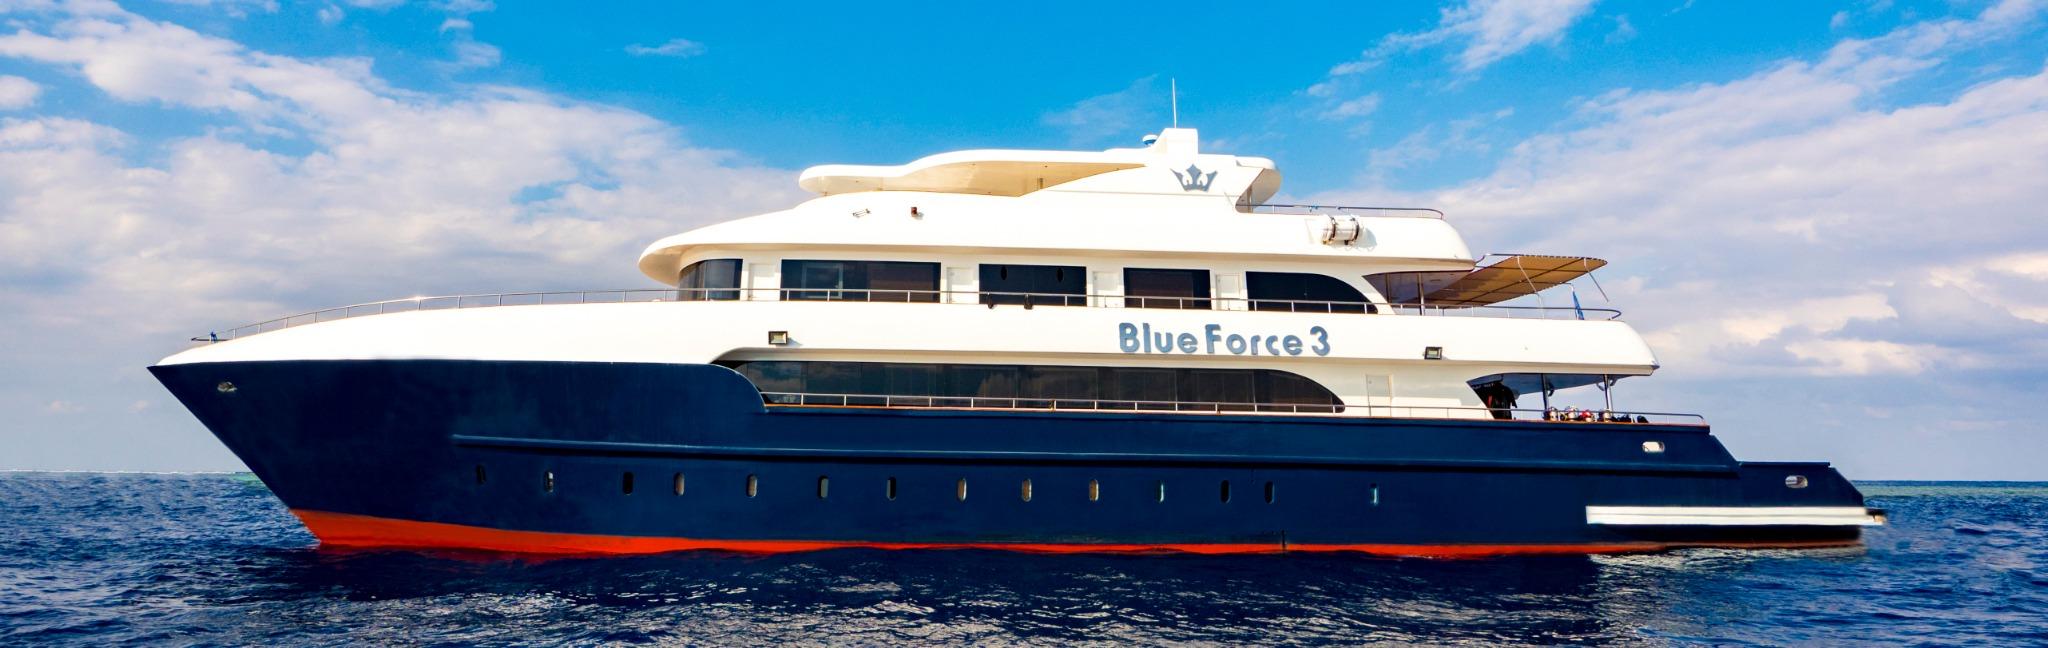 Red Sea Blue Force 3 Liveaboard